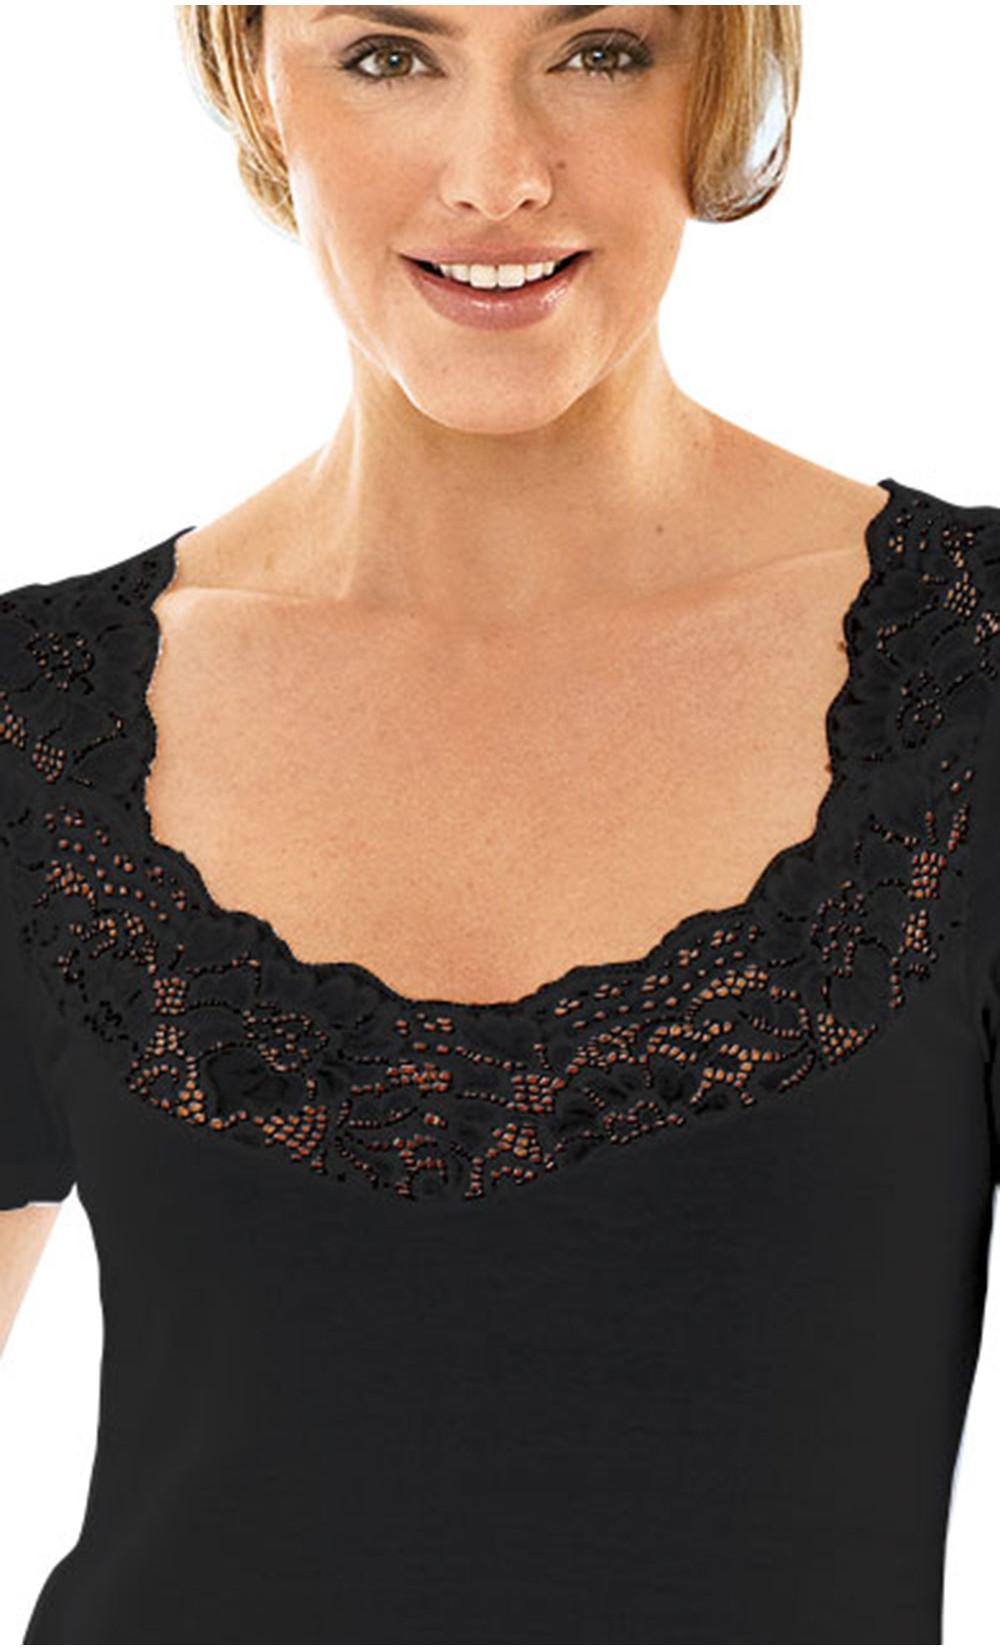 chemise manches courtes - VASILEK